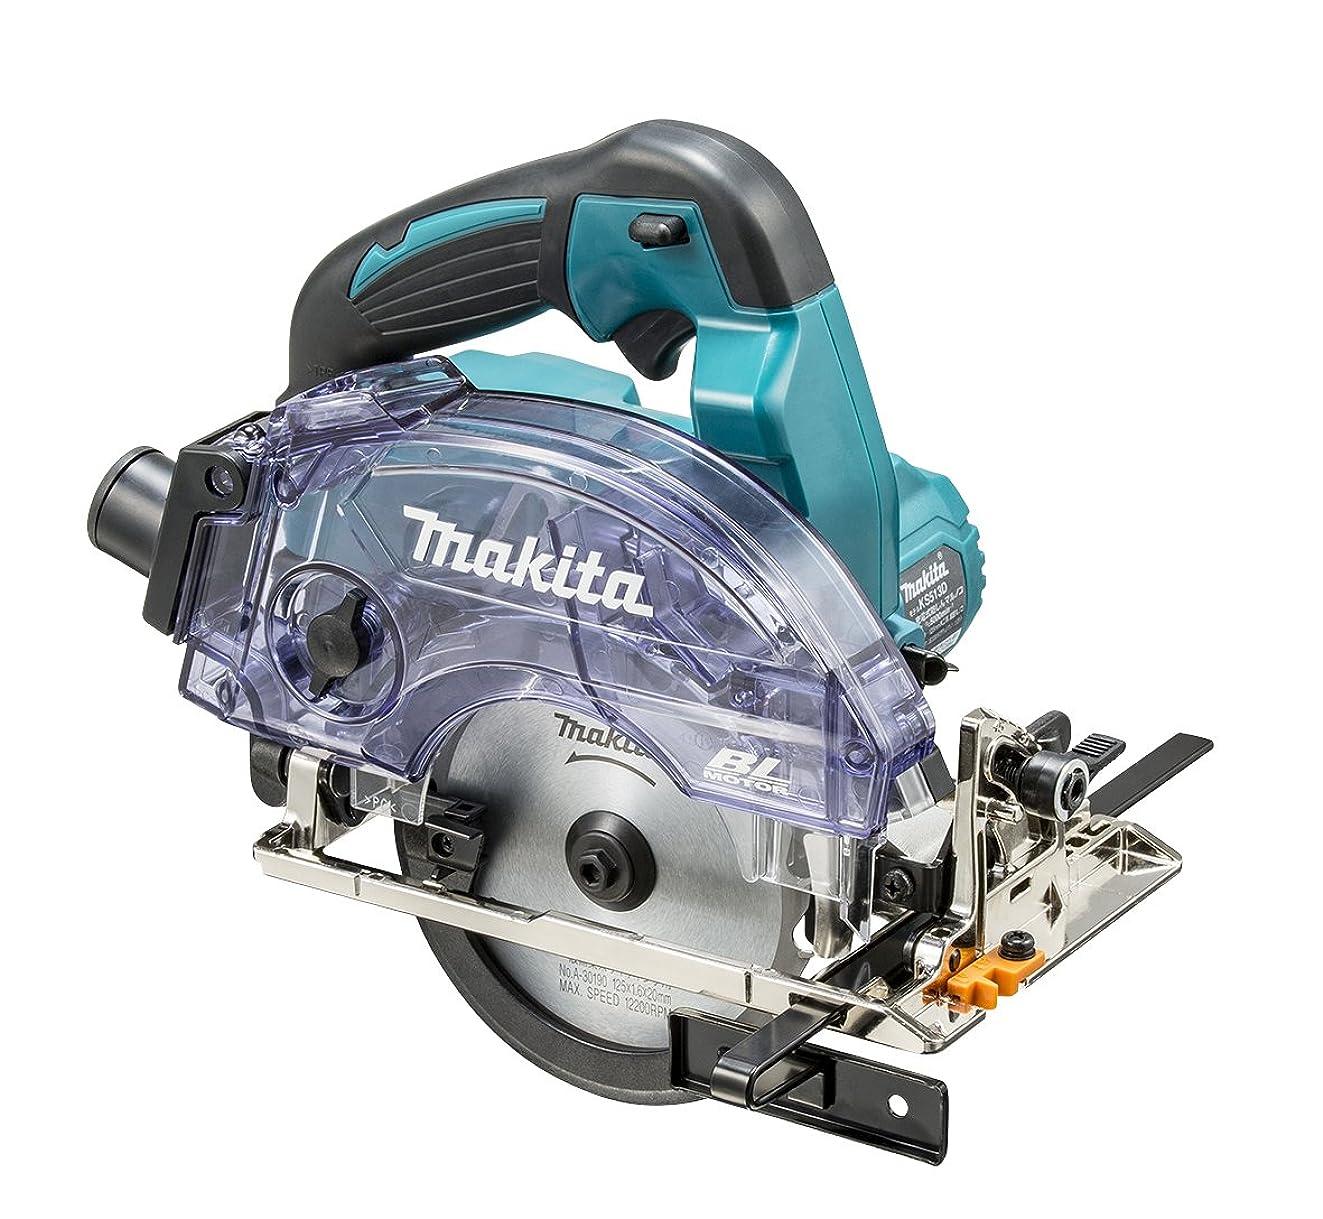 意気揚々変わるバトルマキタ(Makita) 125ミリ充電式防じんマルノコ 18V 6Ah バッテリ?充電器?ケース付 KS513DRG